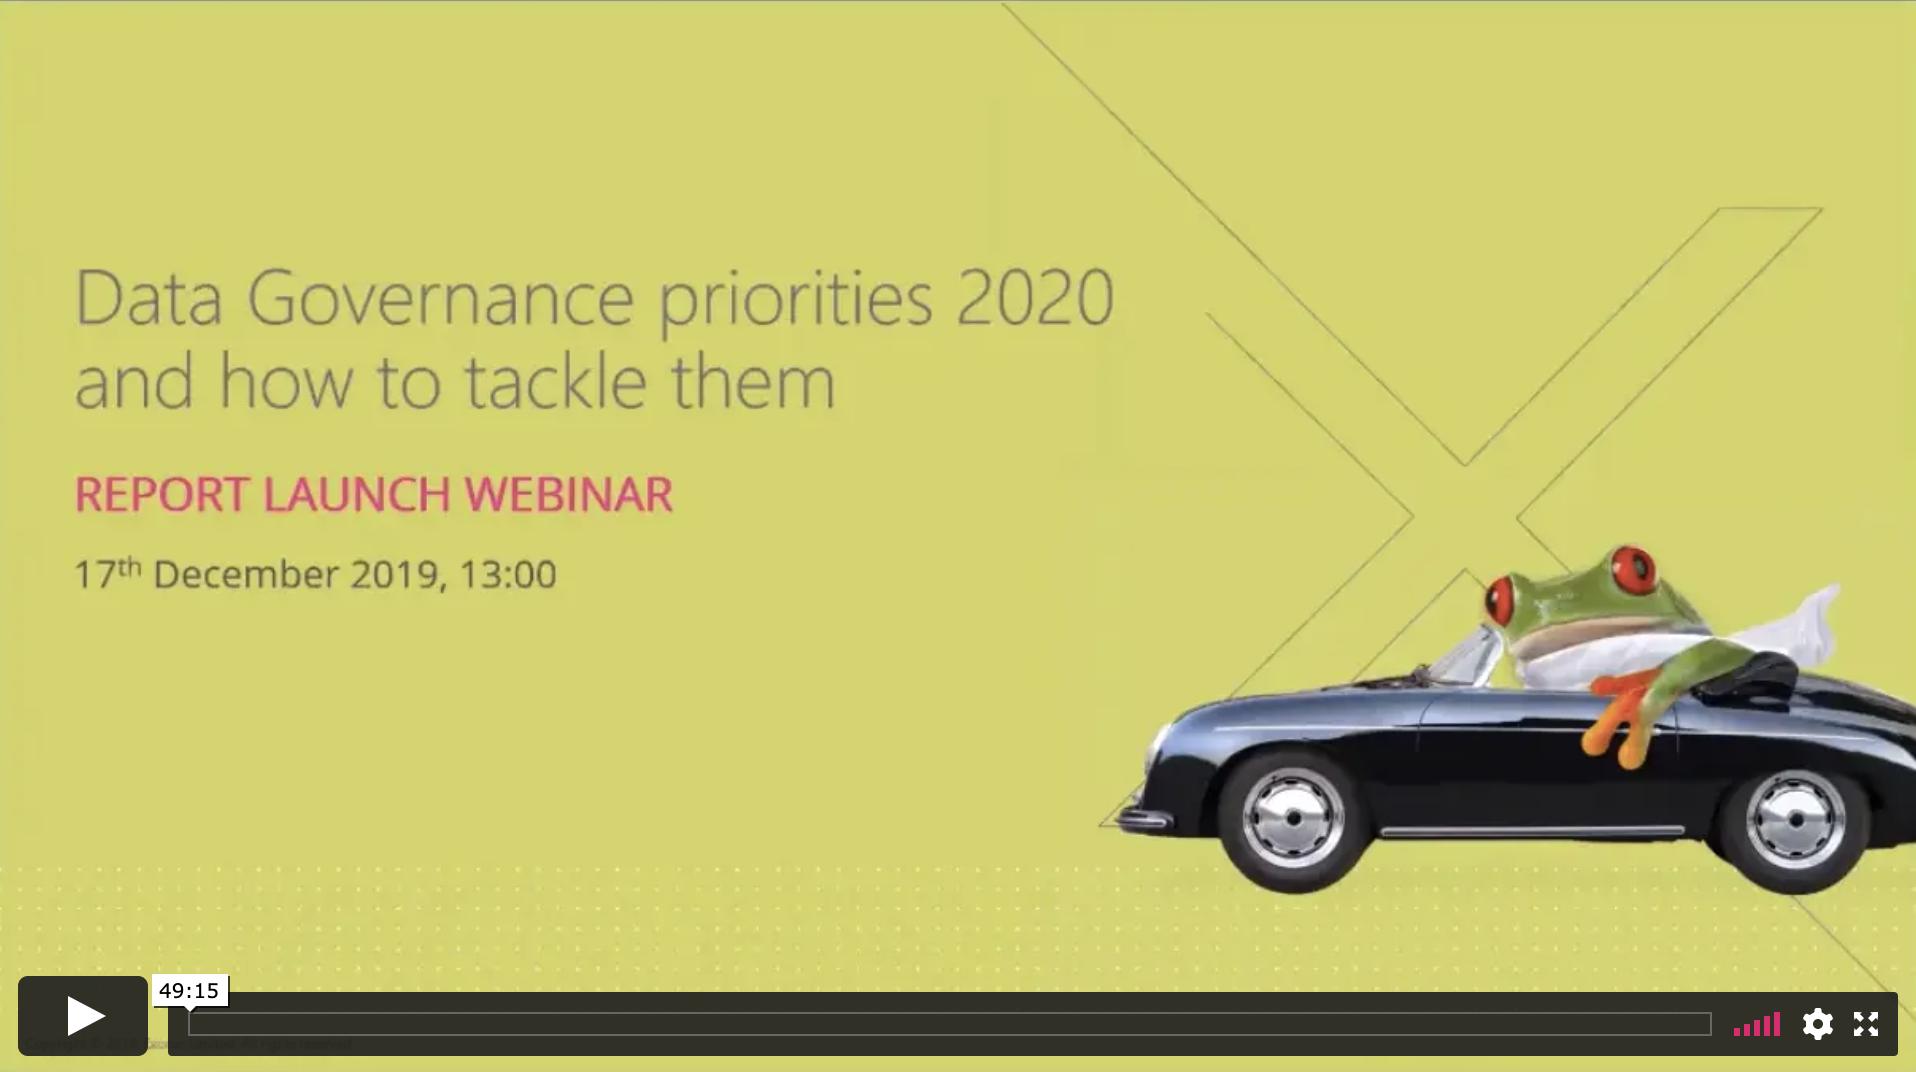 Data governance priorities